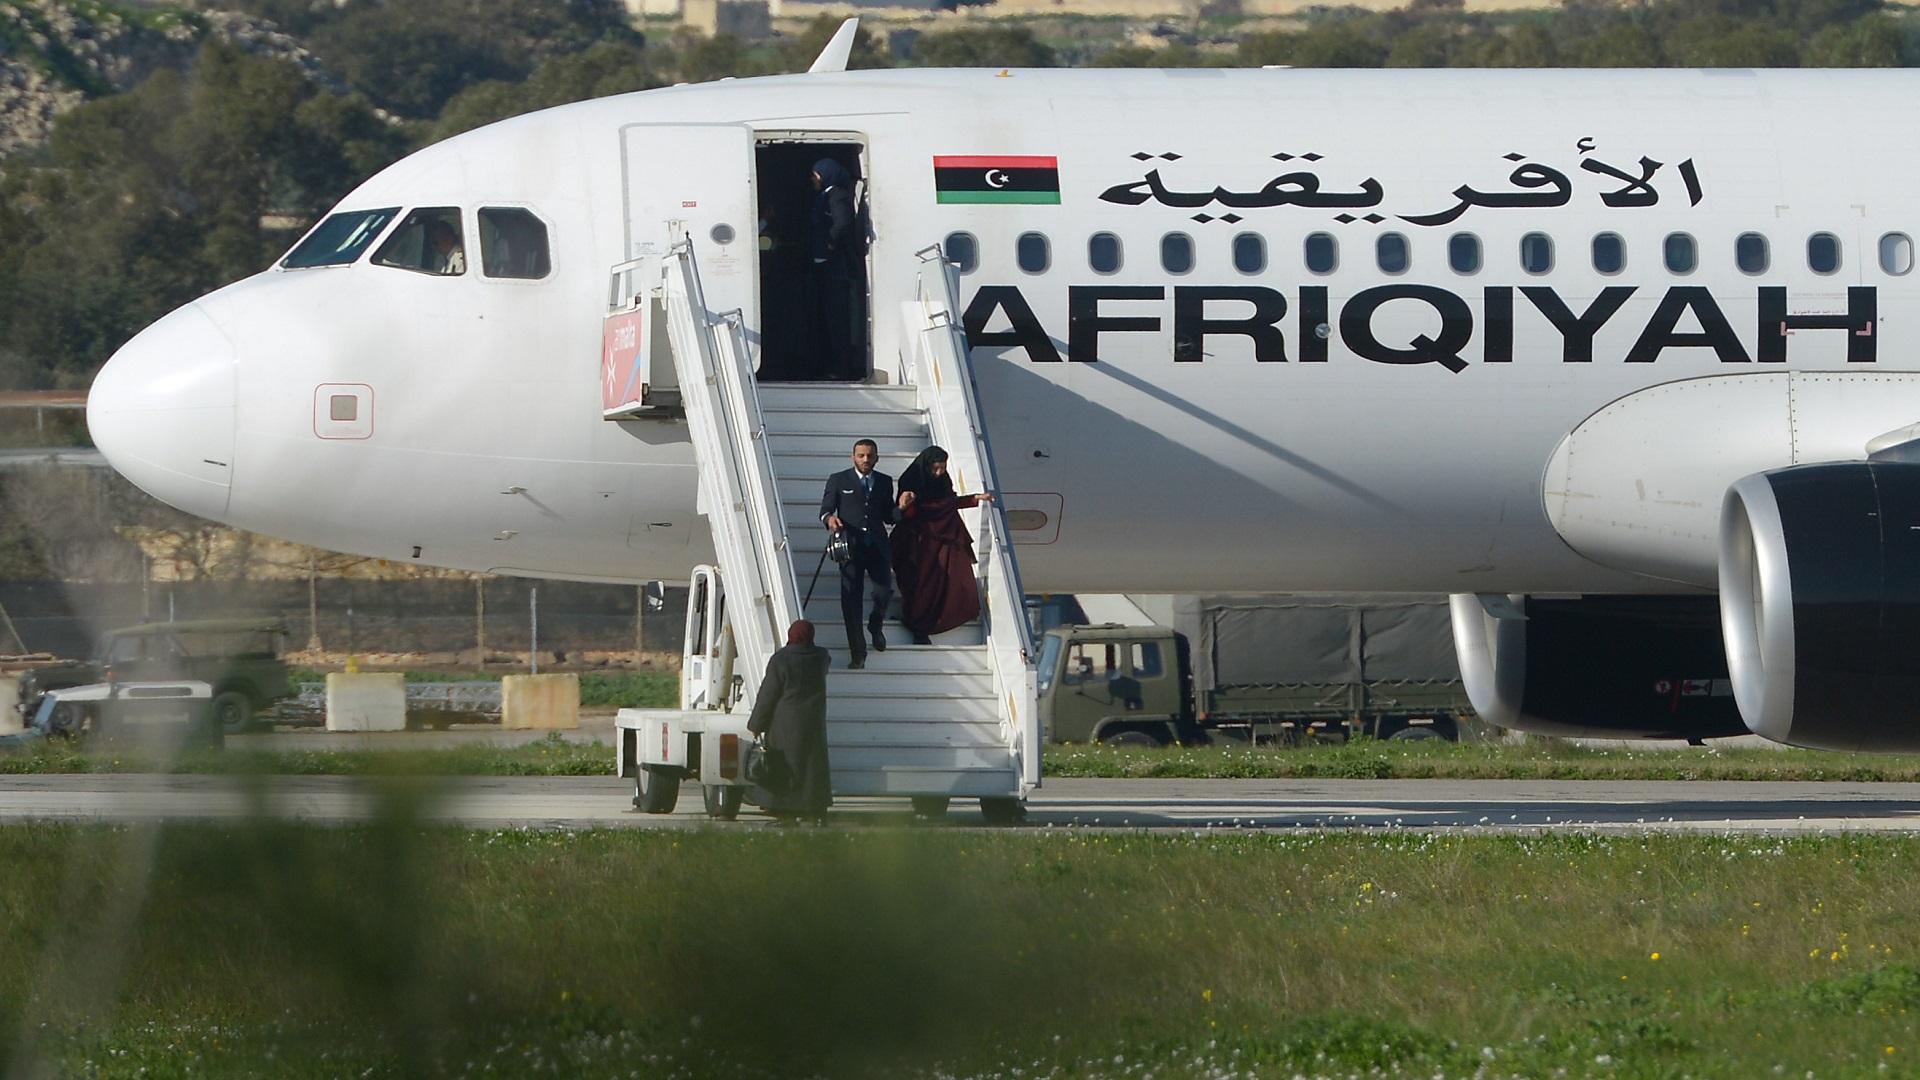 الخطوط الجوية الأفريقية - أرشيفية